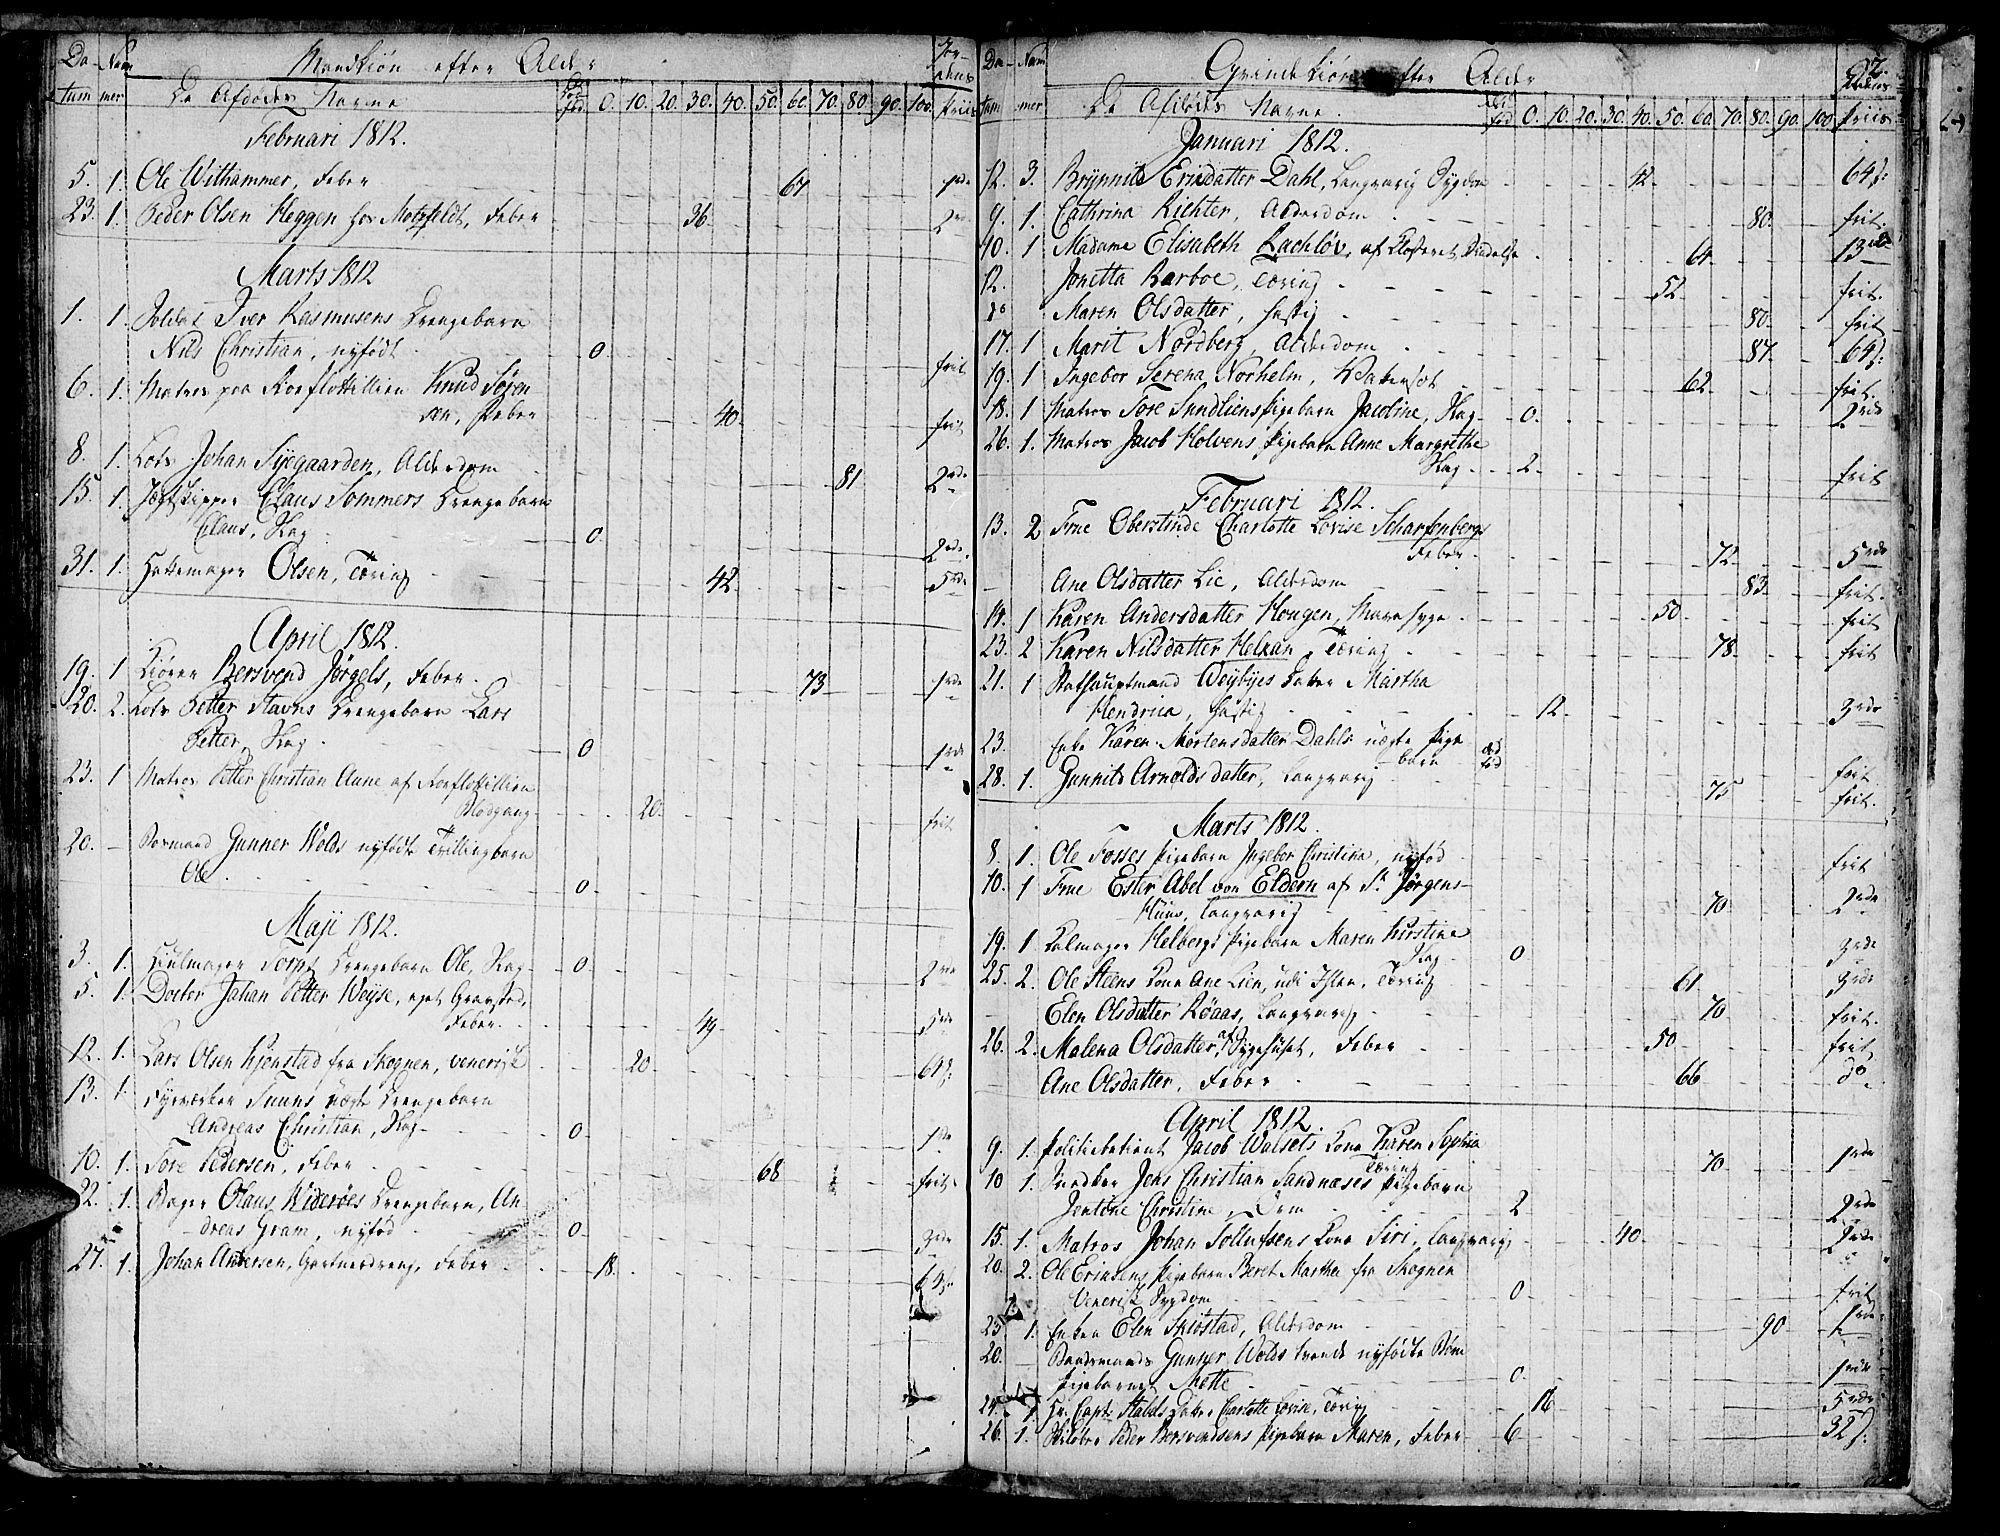 SAT, Ministerialprotokoller, klokkerbøker og fødselsregistre - Sør-Trøndelag, 601/L0040: Ministerialbok nr. 601A08, 1783-1818, s. 92